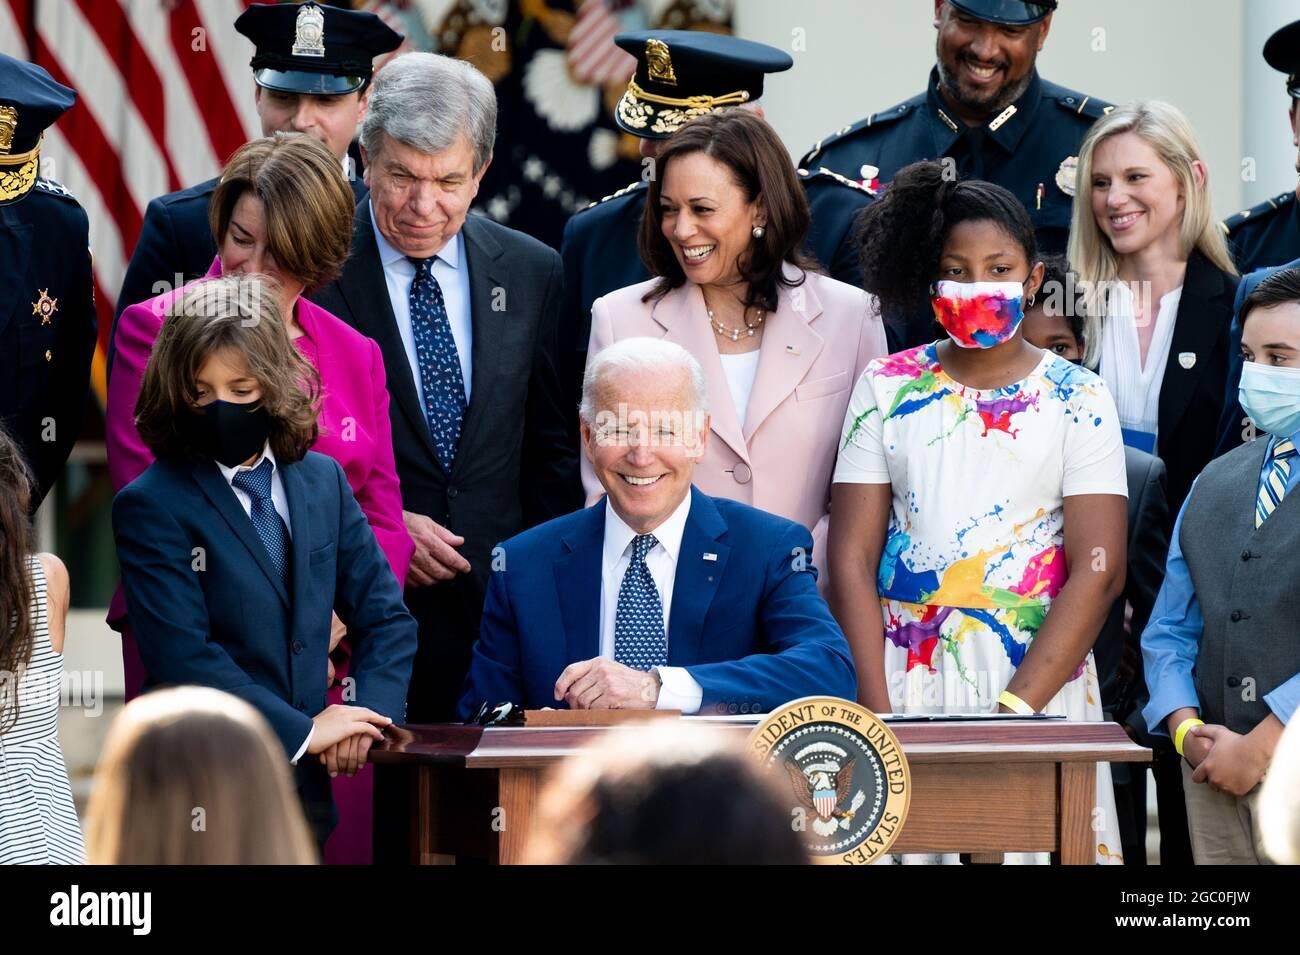 Washington, Estados Unidos. 05th de agosto de 2021. El presidente Joe Biden firma la H.R. 3325 que otorga medallas de oro al Congreso a la Policía del Capitolio de los Estados Unidos y a la Policía Metropolitana de DC por su trabajo el 6 de enero. Crédito: SOPA Images Limited/Alamy Live News Foto de stock